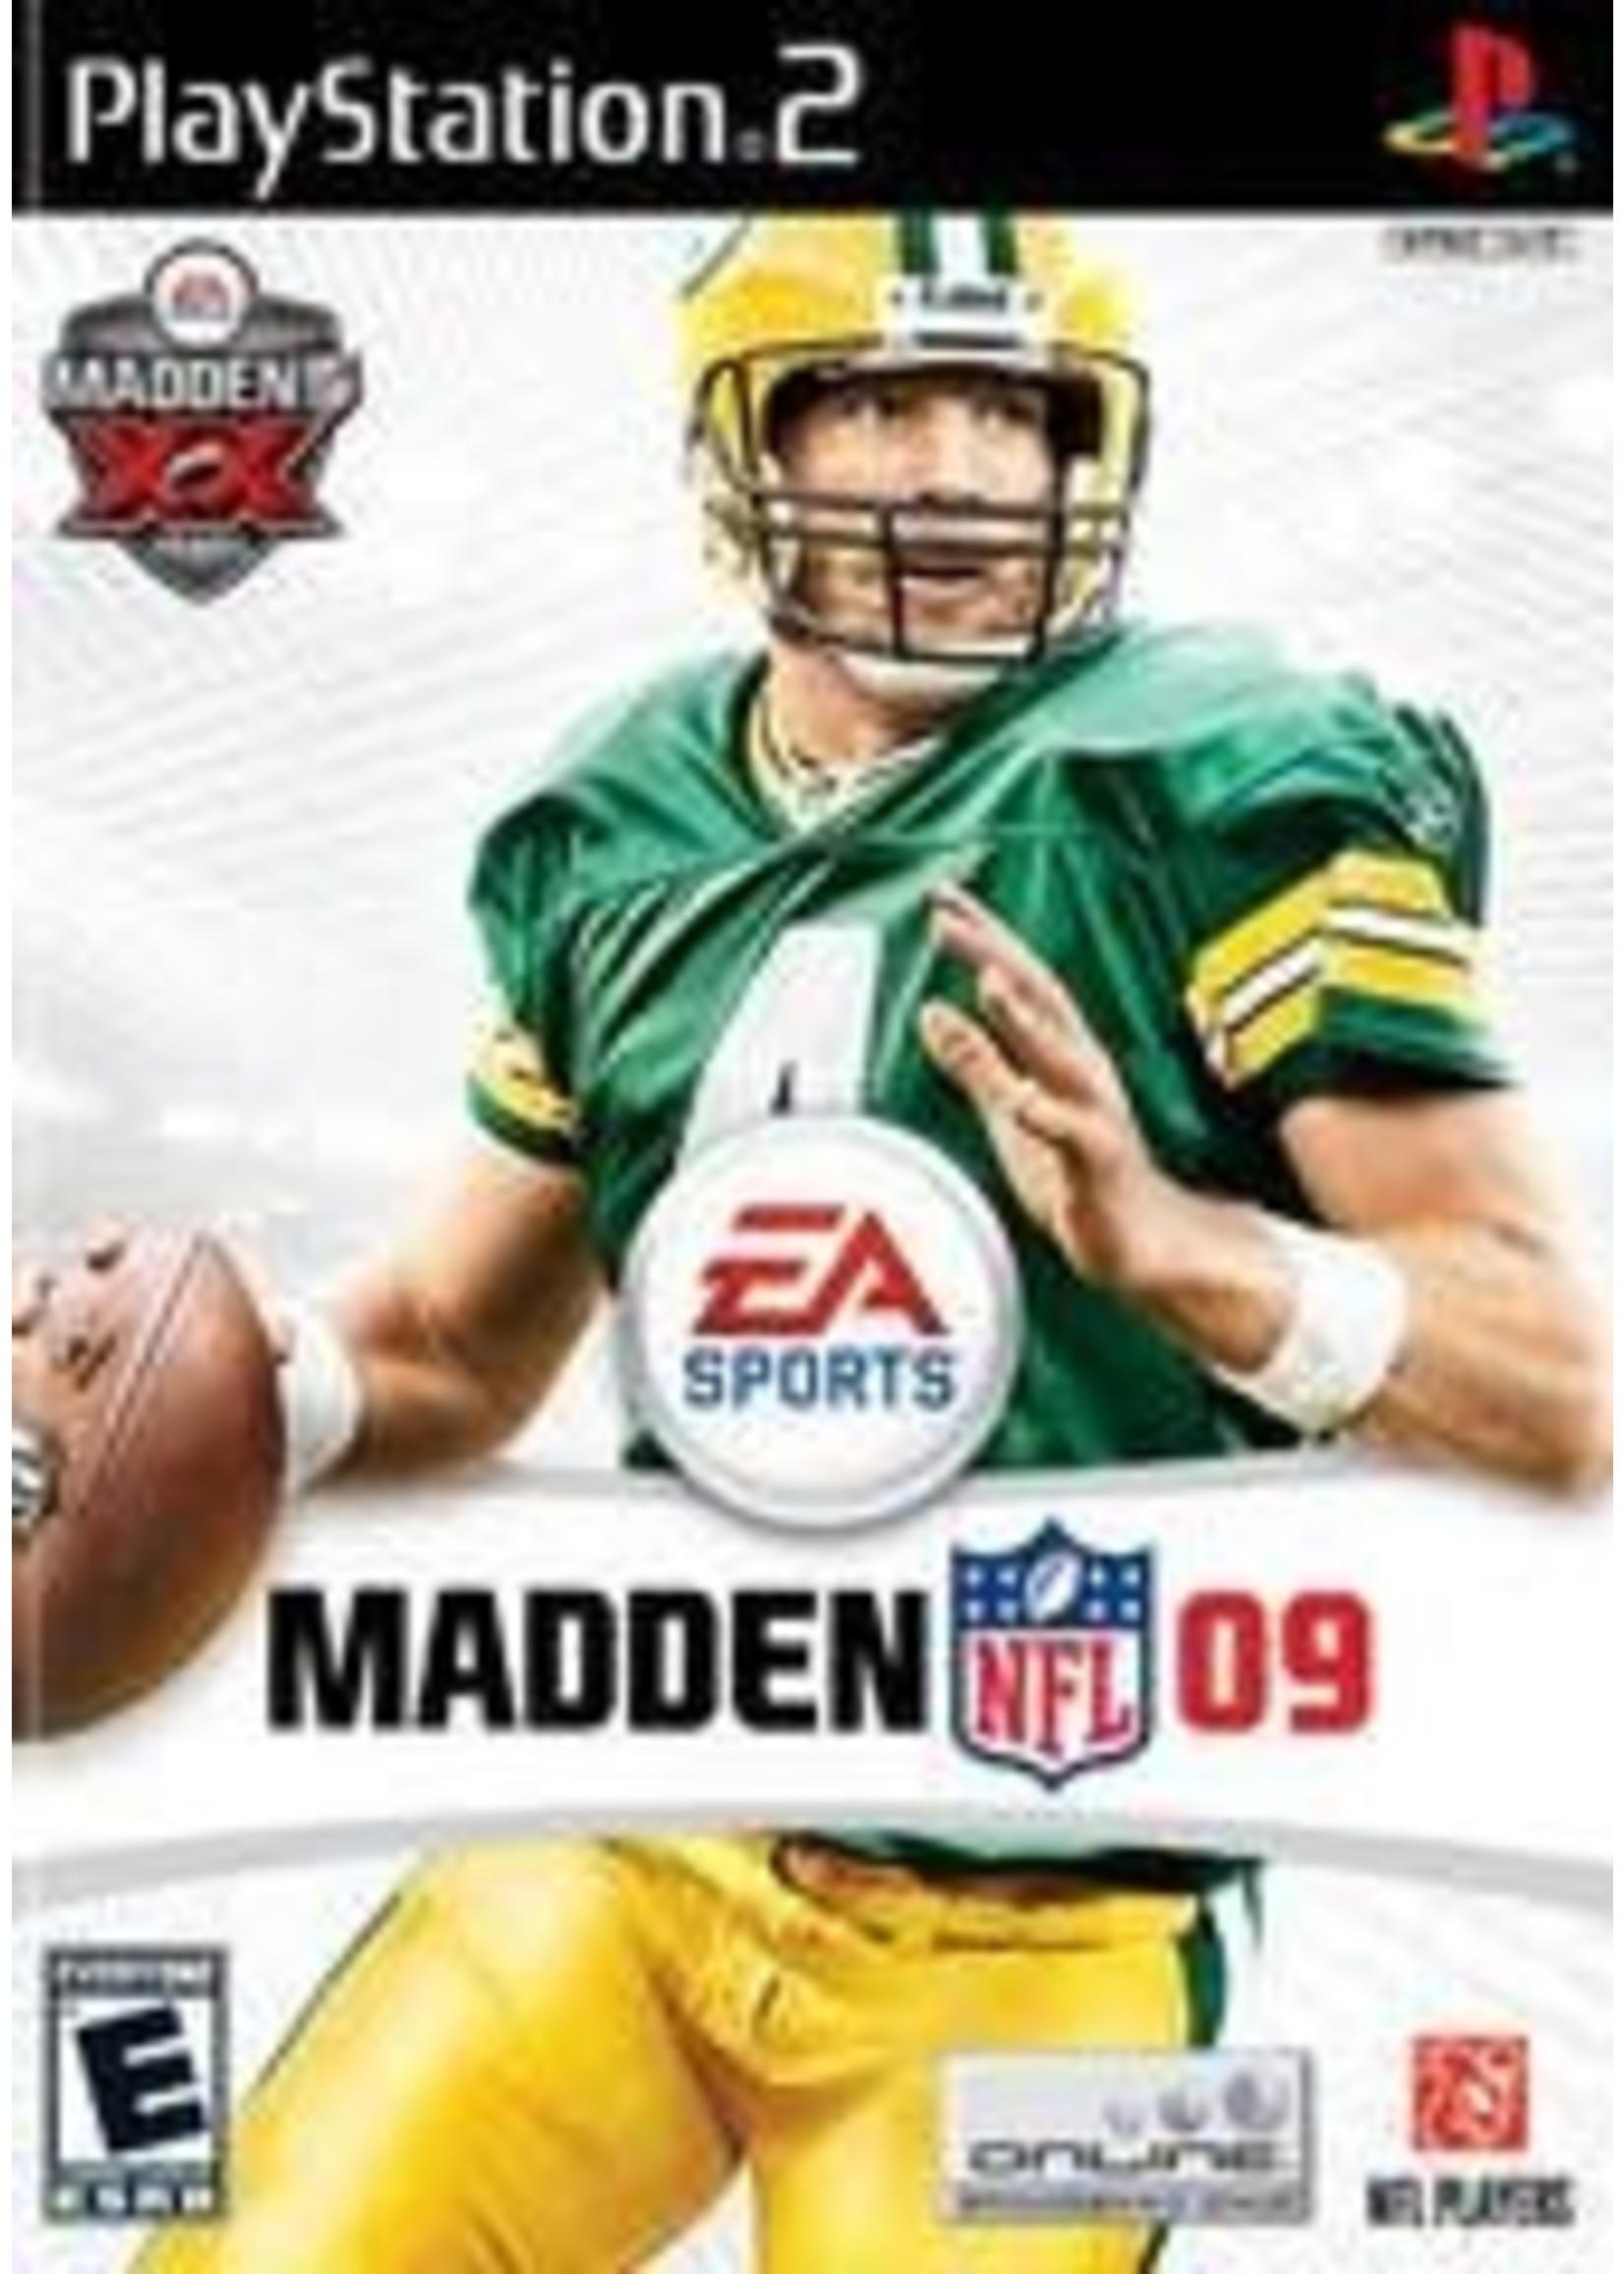 Madden 2009 Playstation 2